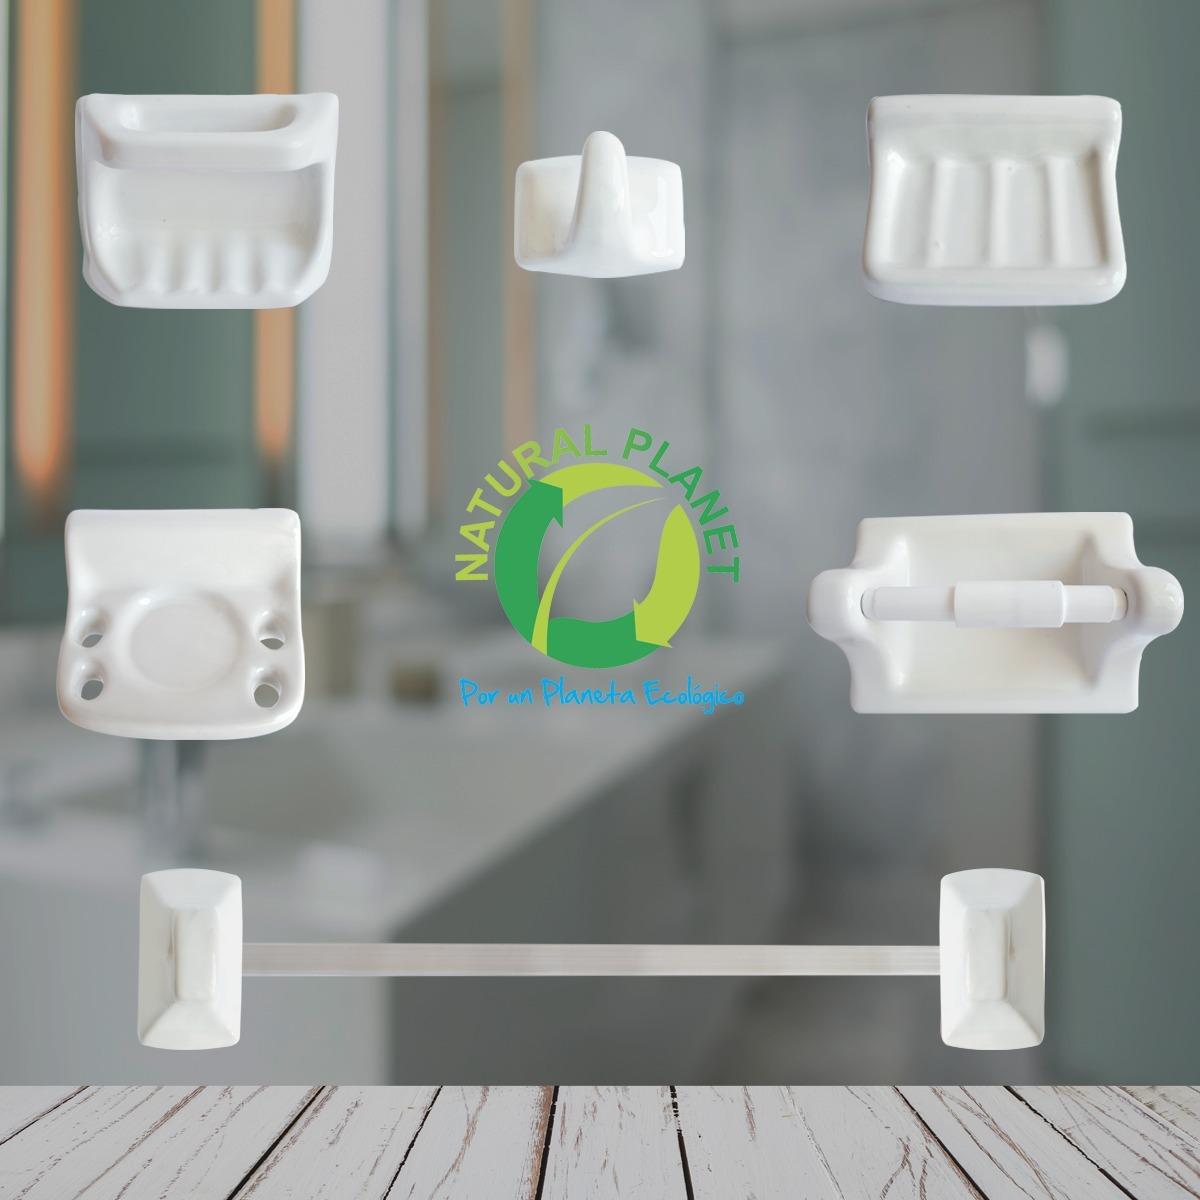 Accesorios Para Baño Cerámica 9 Piezas Blanco Mejor Calidad ... e6573dde992d